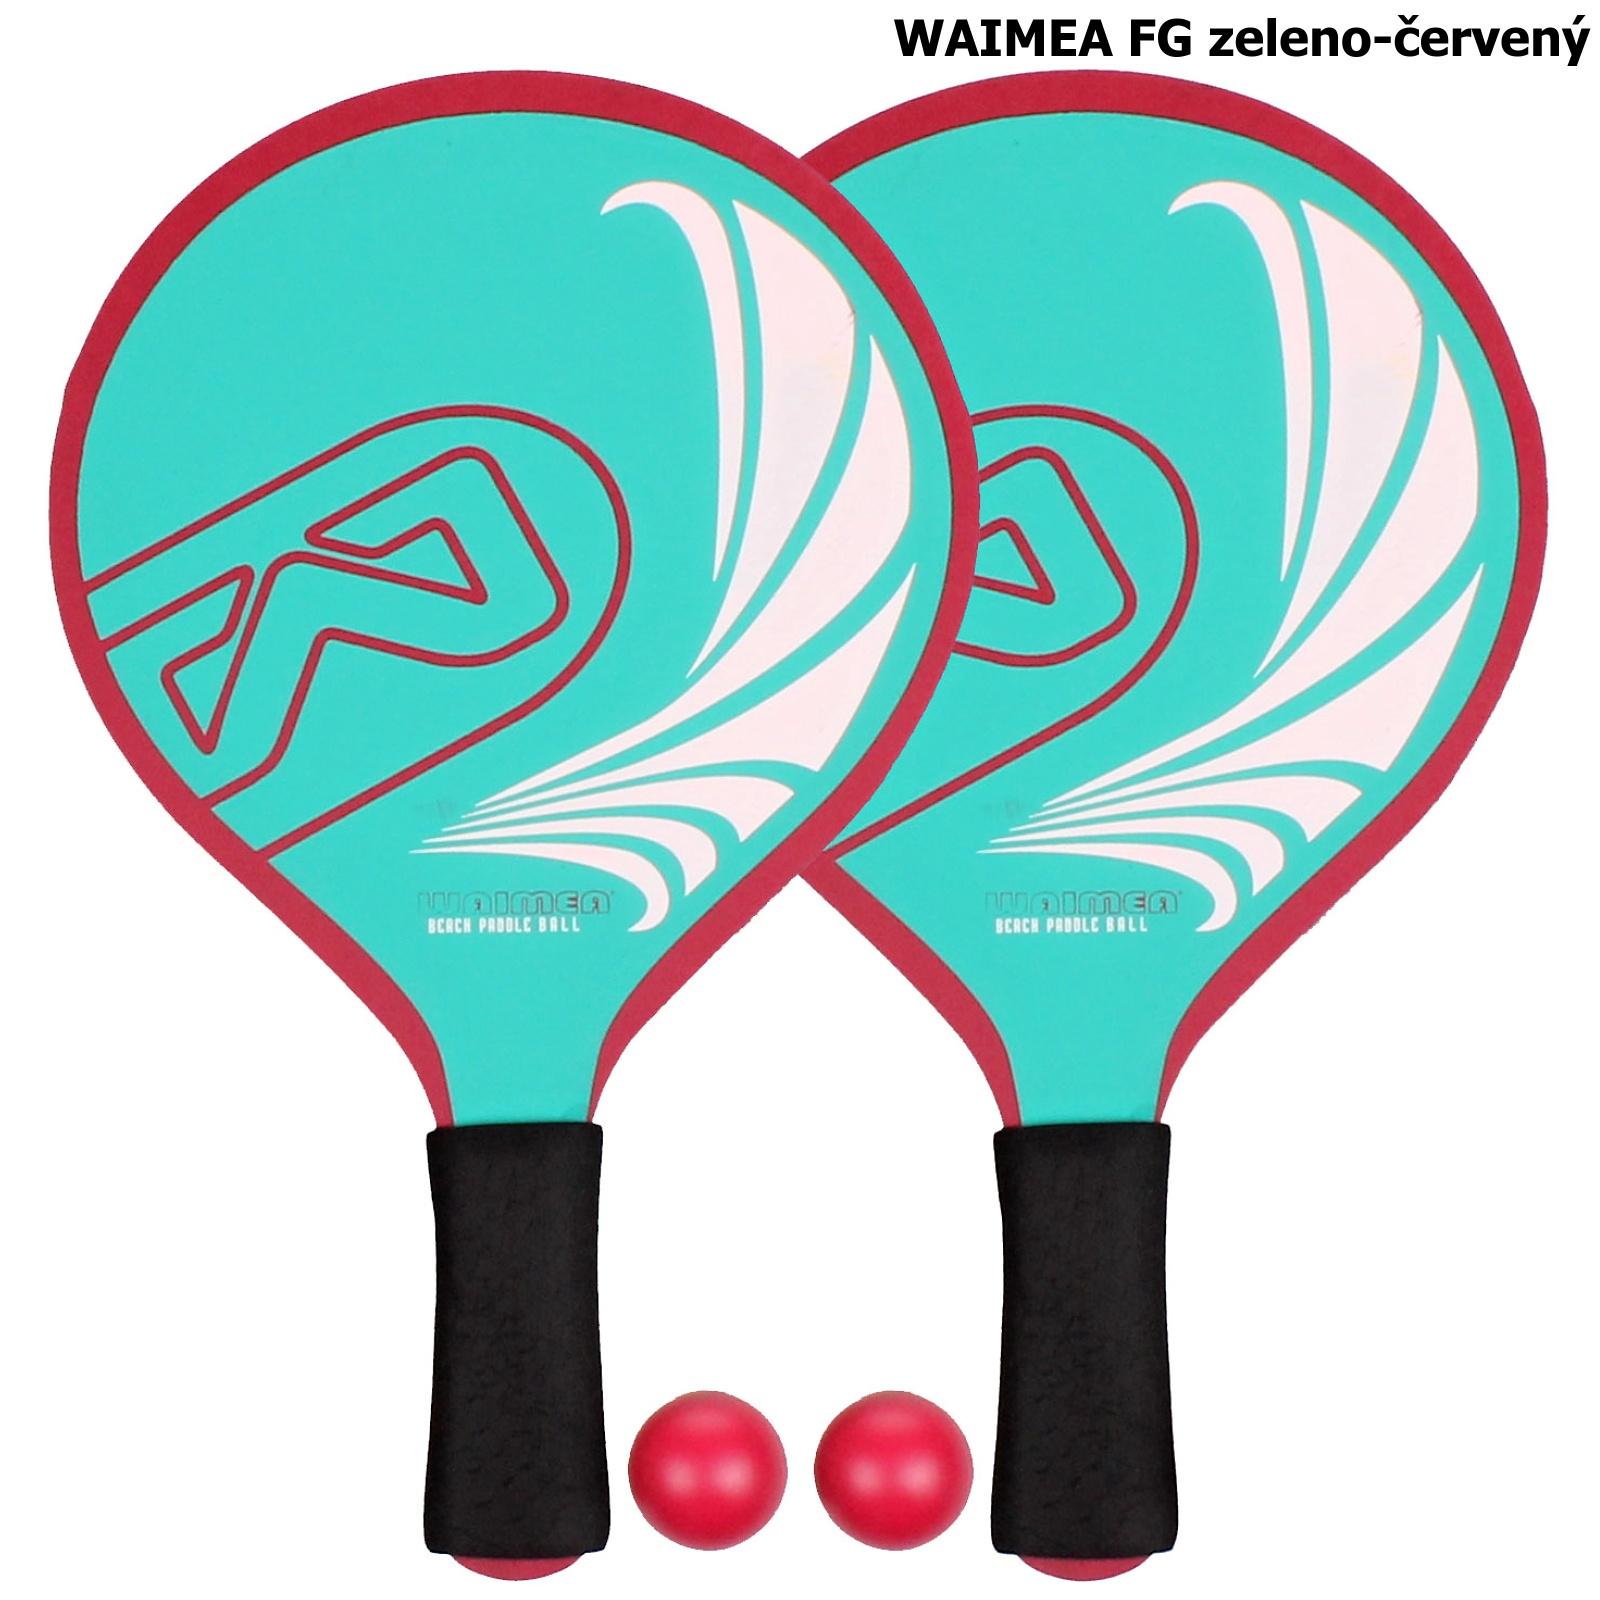 Plážový tenis WAIMEA FG - zeleno-červený